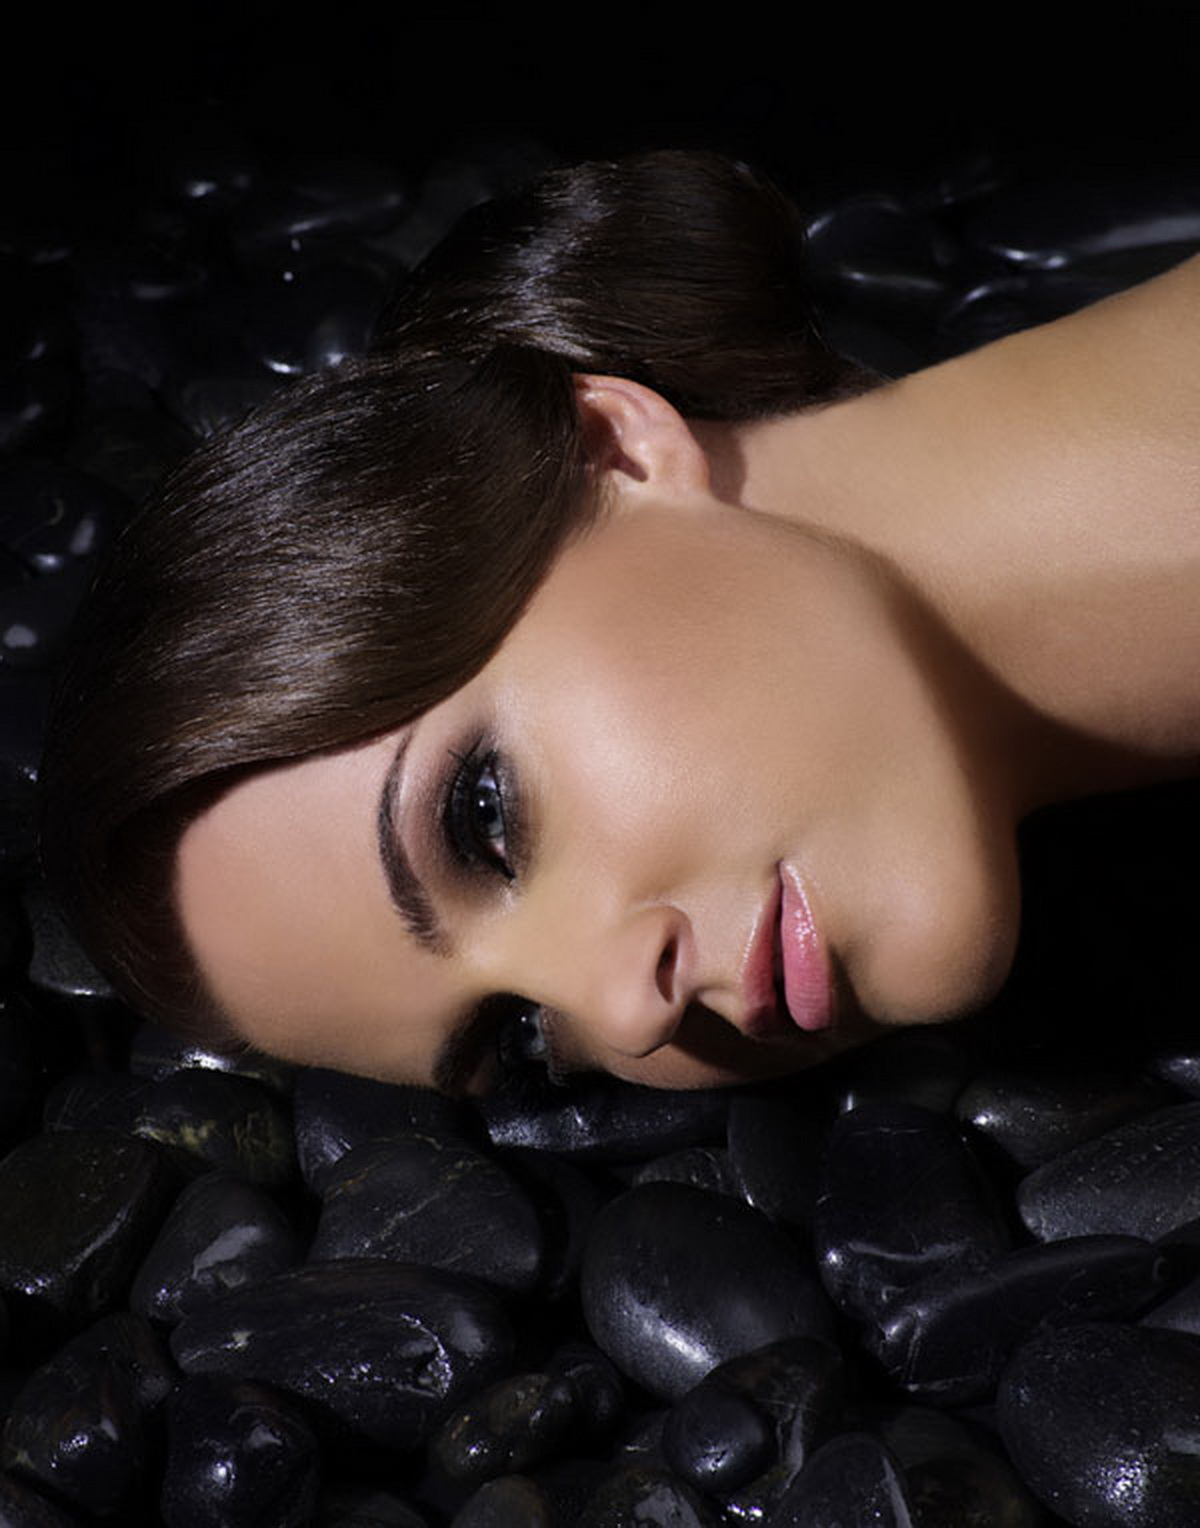 Аватар гламурные девушки 9 фотография